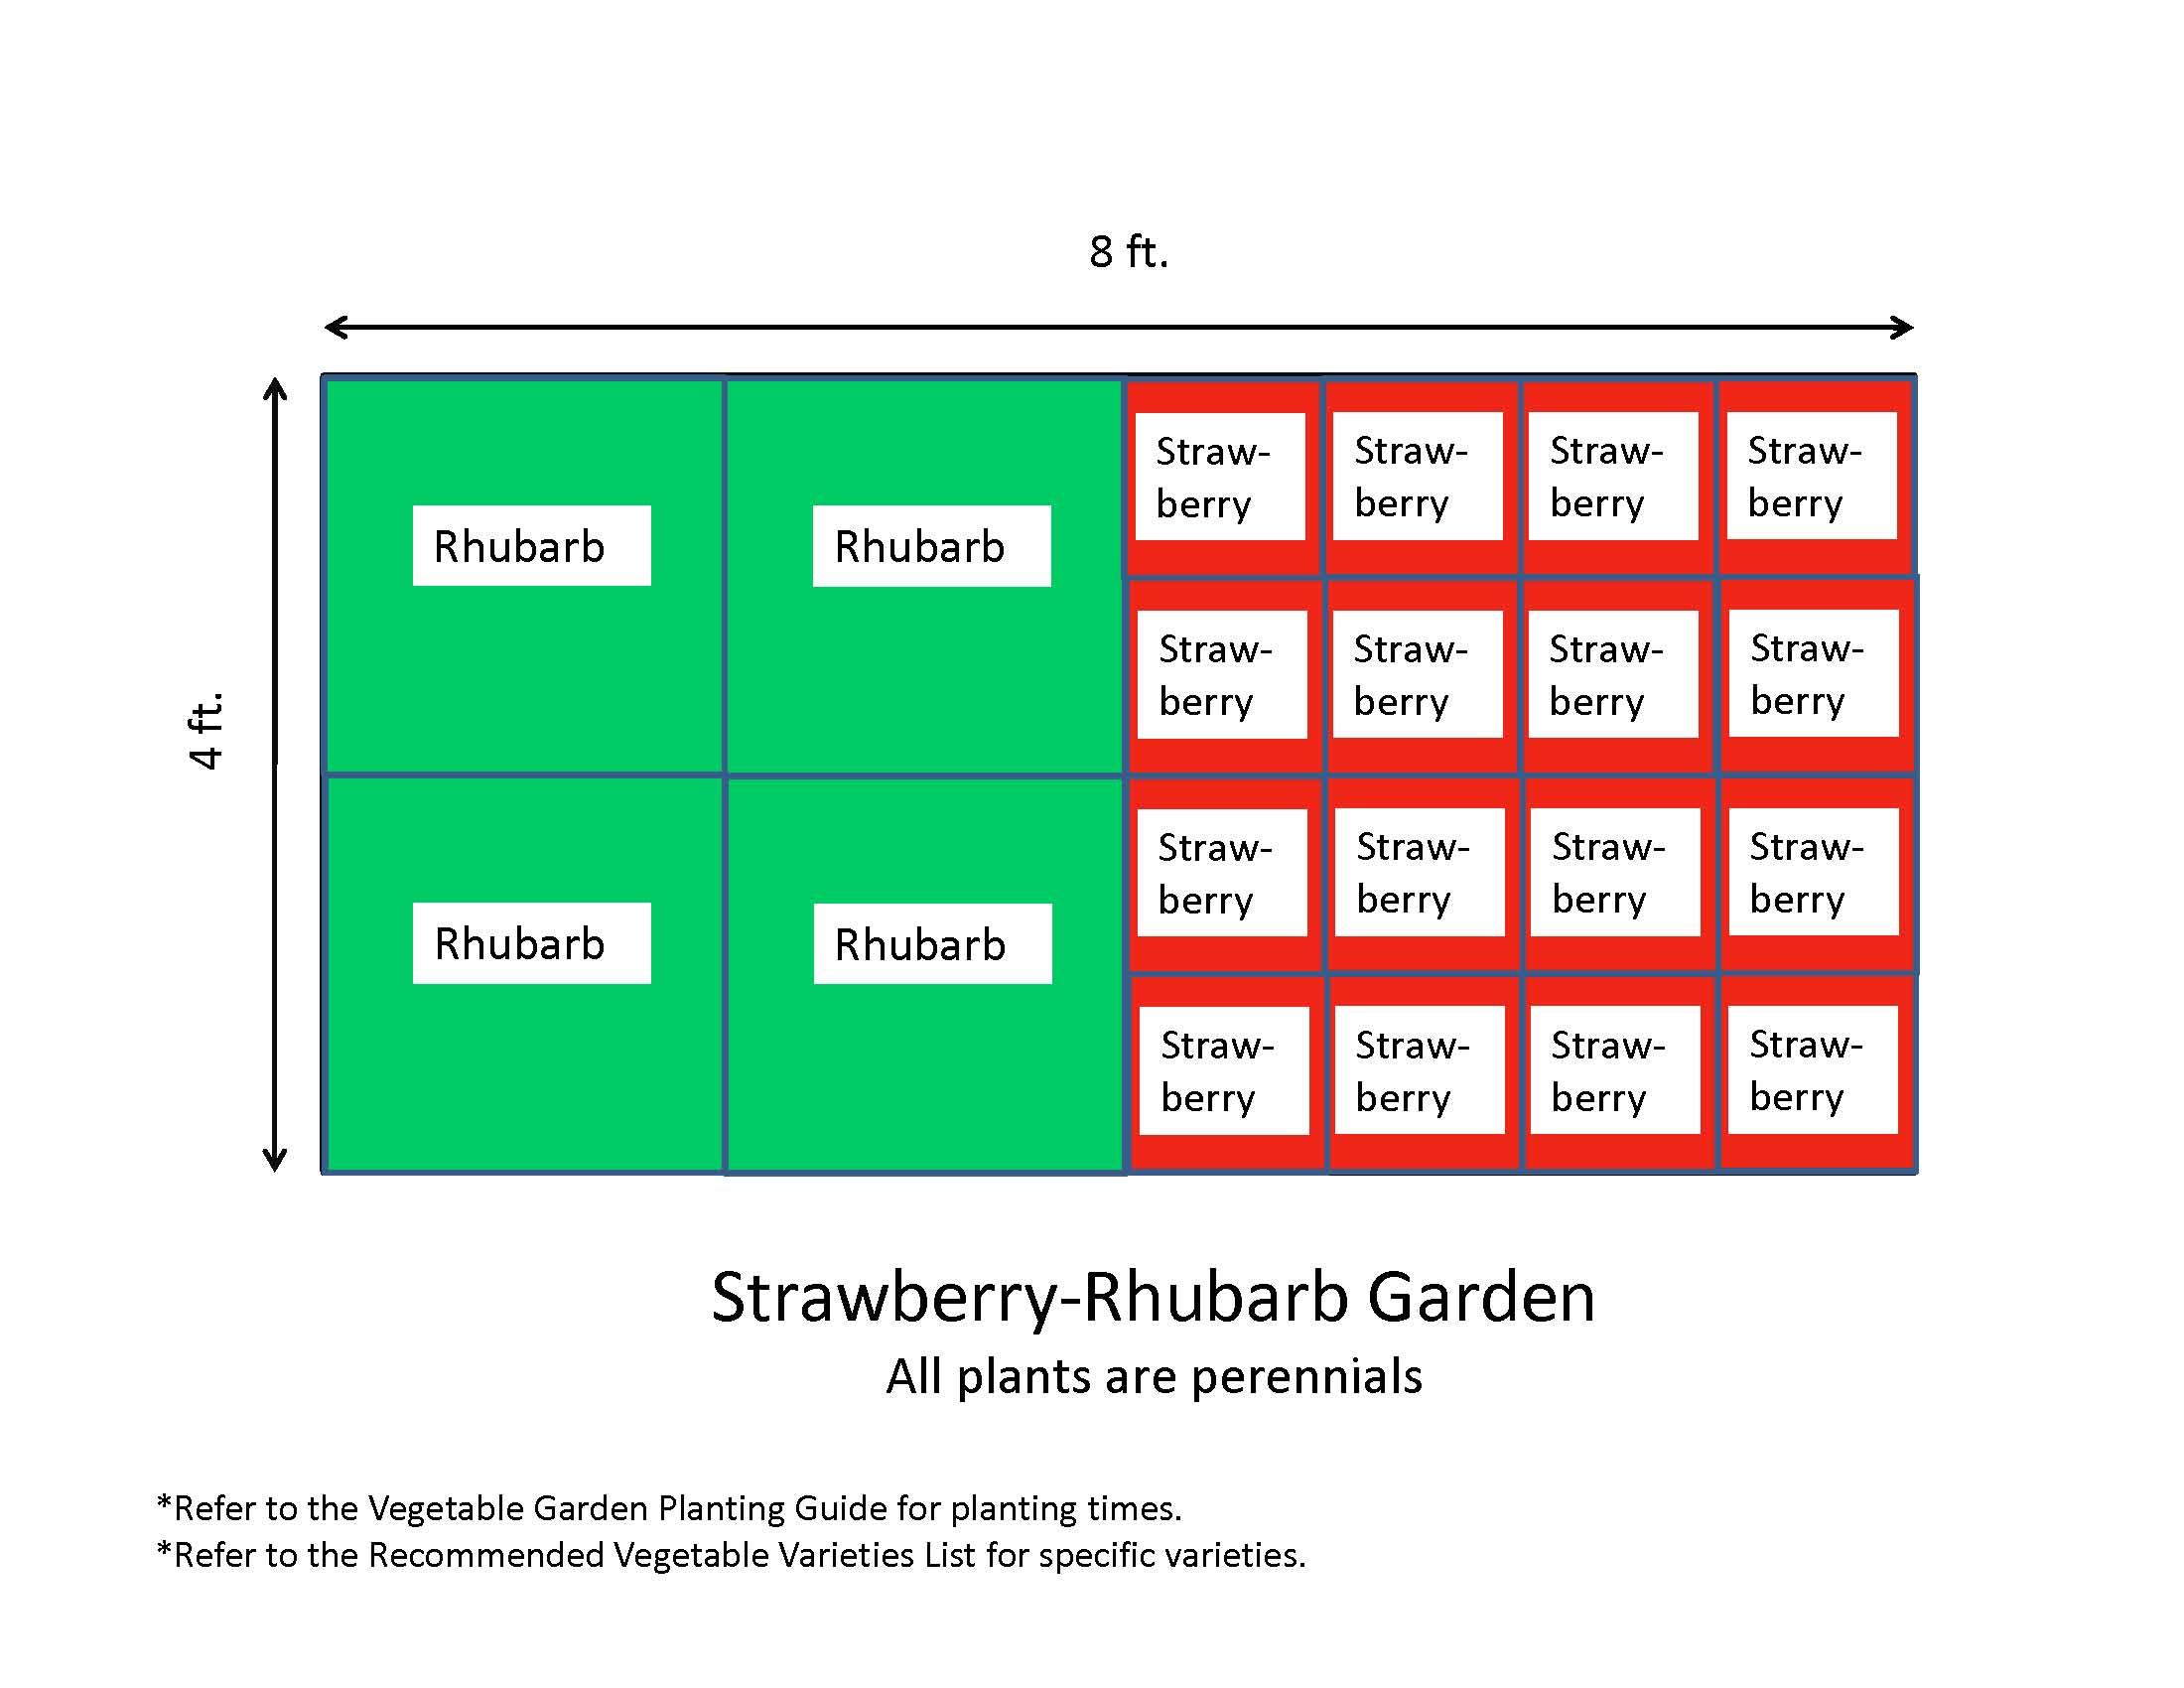 Garden Design Template 25 lovely vegetable garden design templates – izvipi